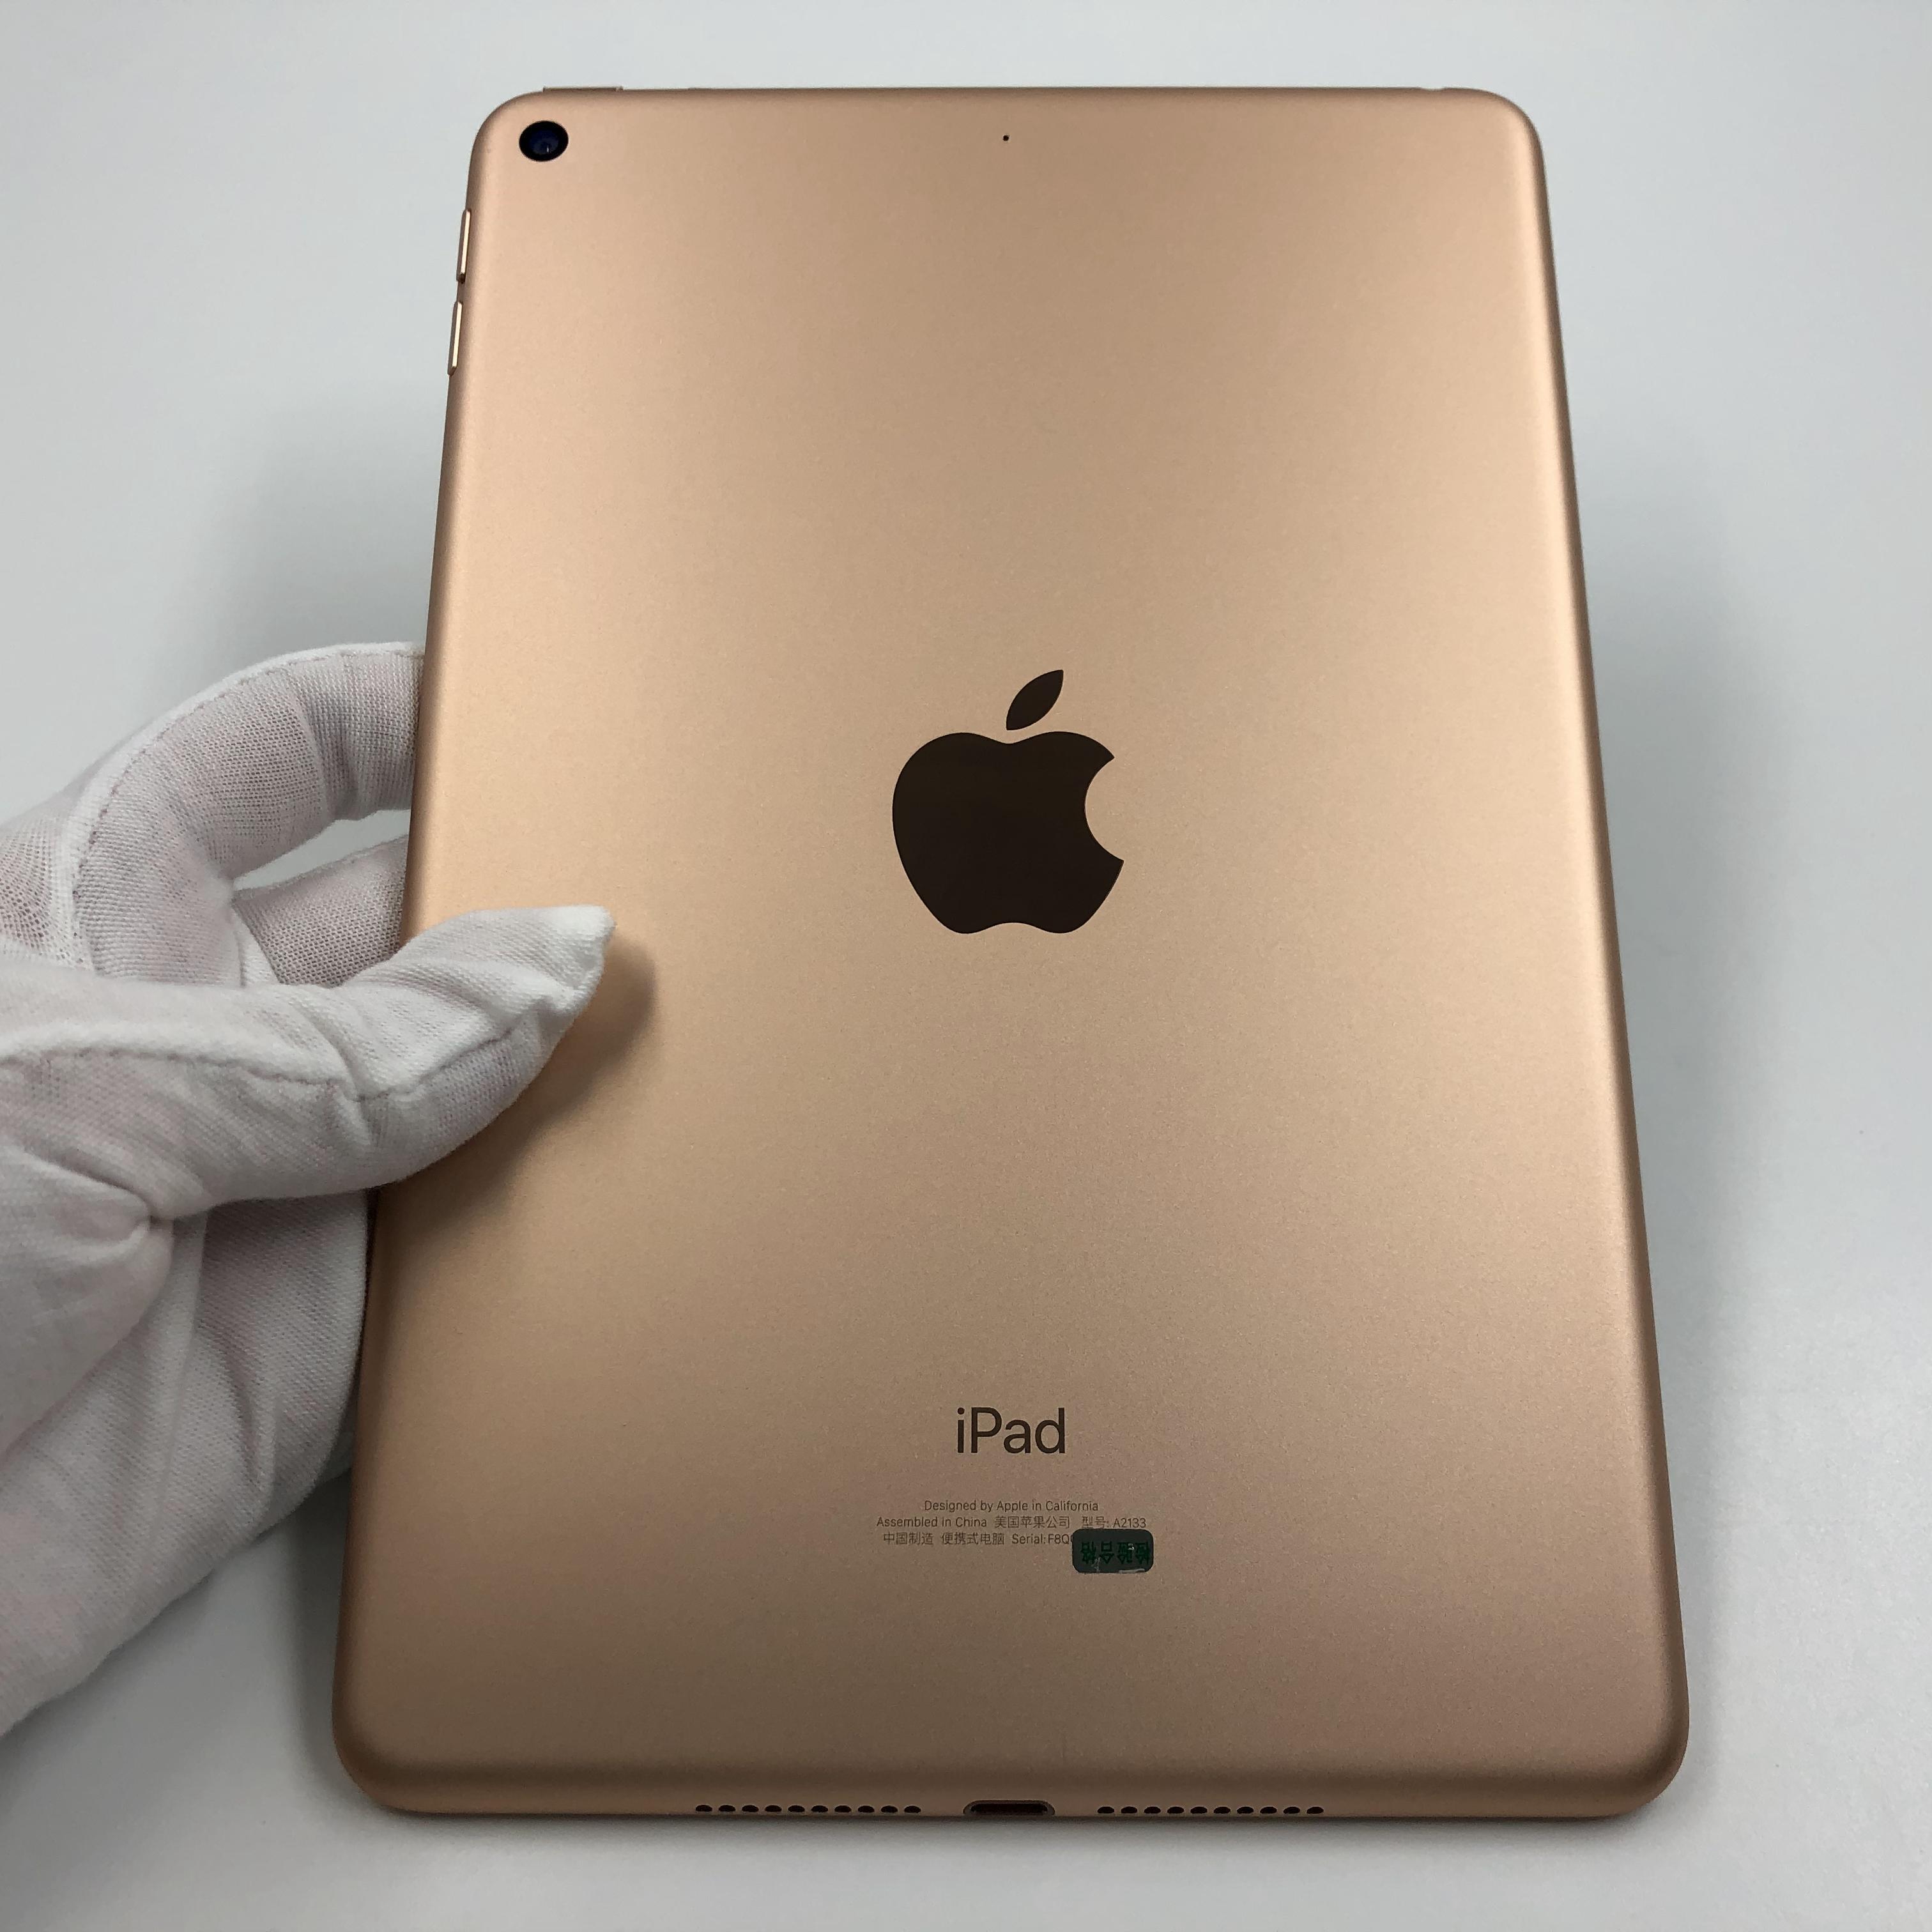 苹果【iPad mini5 7.9英寸 19款】WIFI版 金色 256G 国行 99新 真机实拍